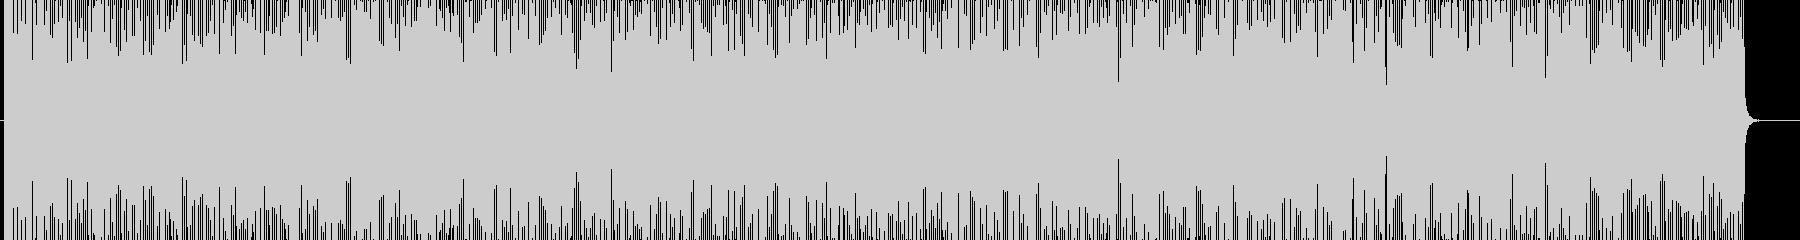 ★ブラス&エレクトロなバトルダンスポップの未再生の波形